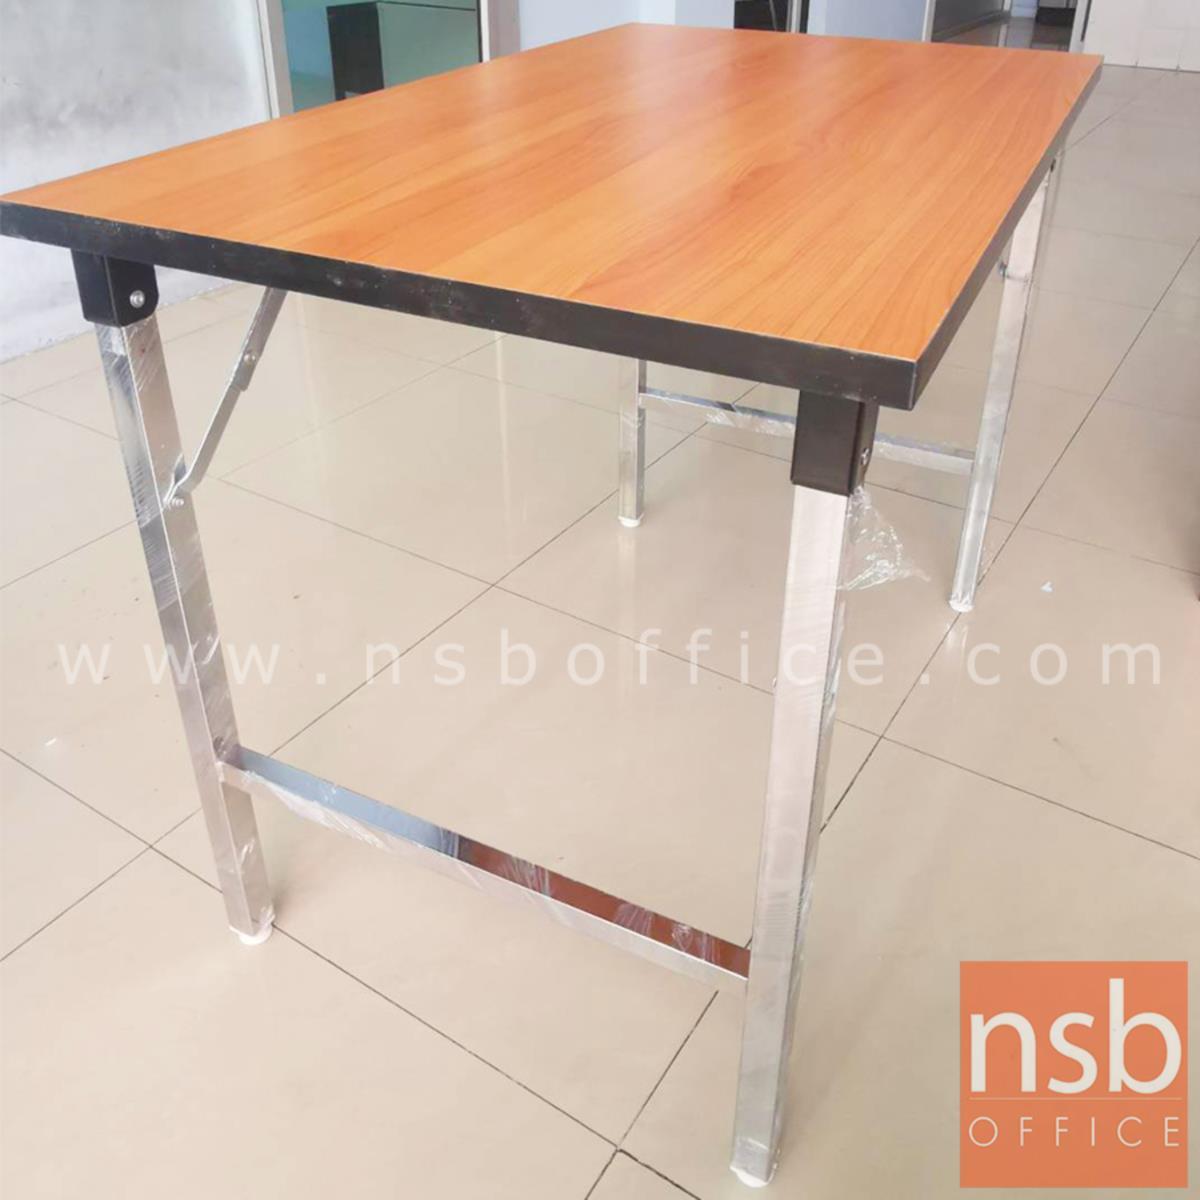 โต๊ะพับหน้าเมลามีนลายไม้ รุ่น Alberta (แอลเบอร์ตา)  ขาชุบโครเมี่ยม